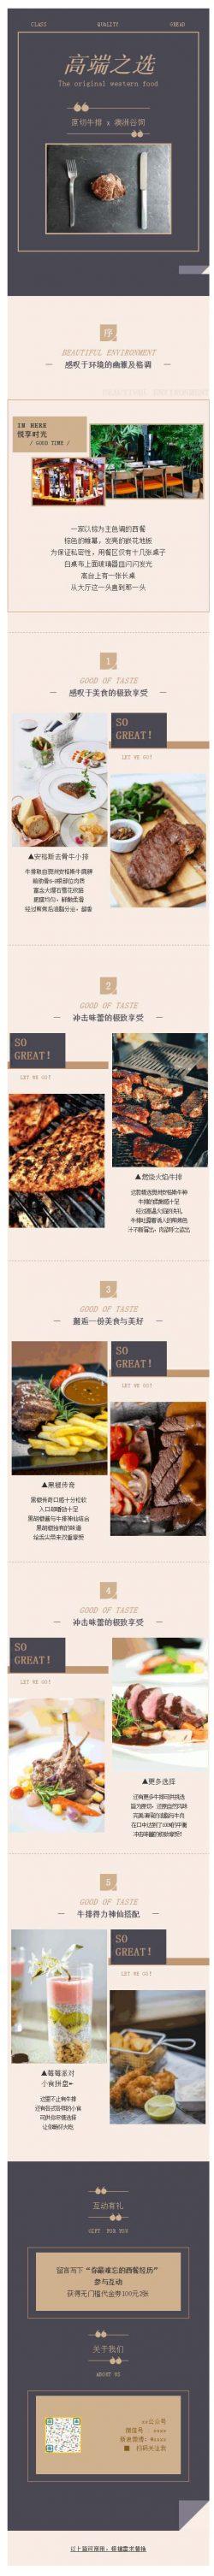 高端美食高档餐厅微信公众号图文模板推送素材推文文章模板